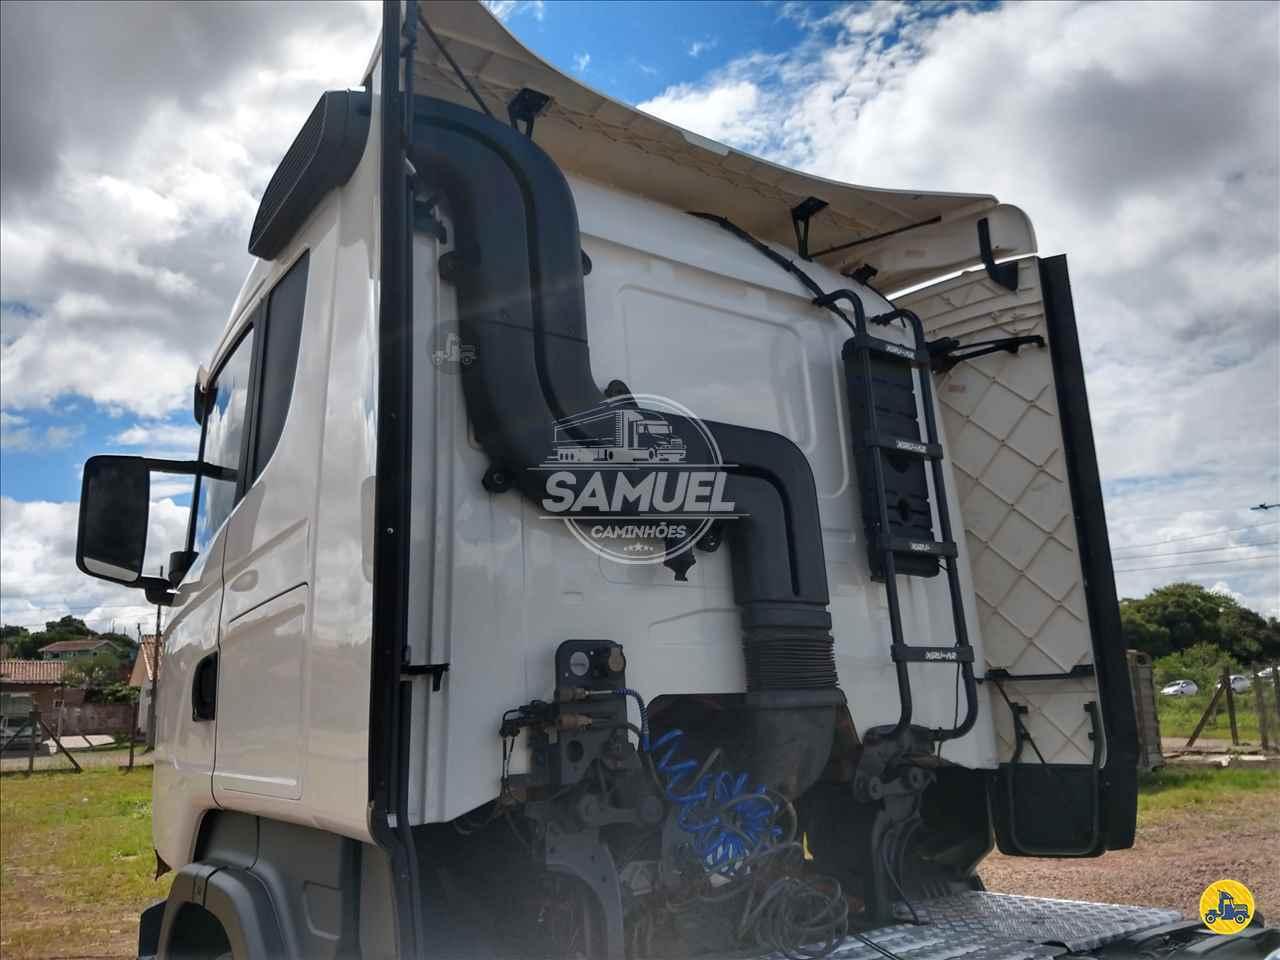 SCANIA SCANIA 440 419300km 2017/2017 Samuel Caminhões